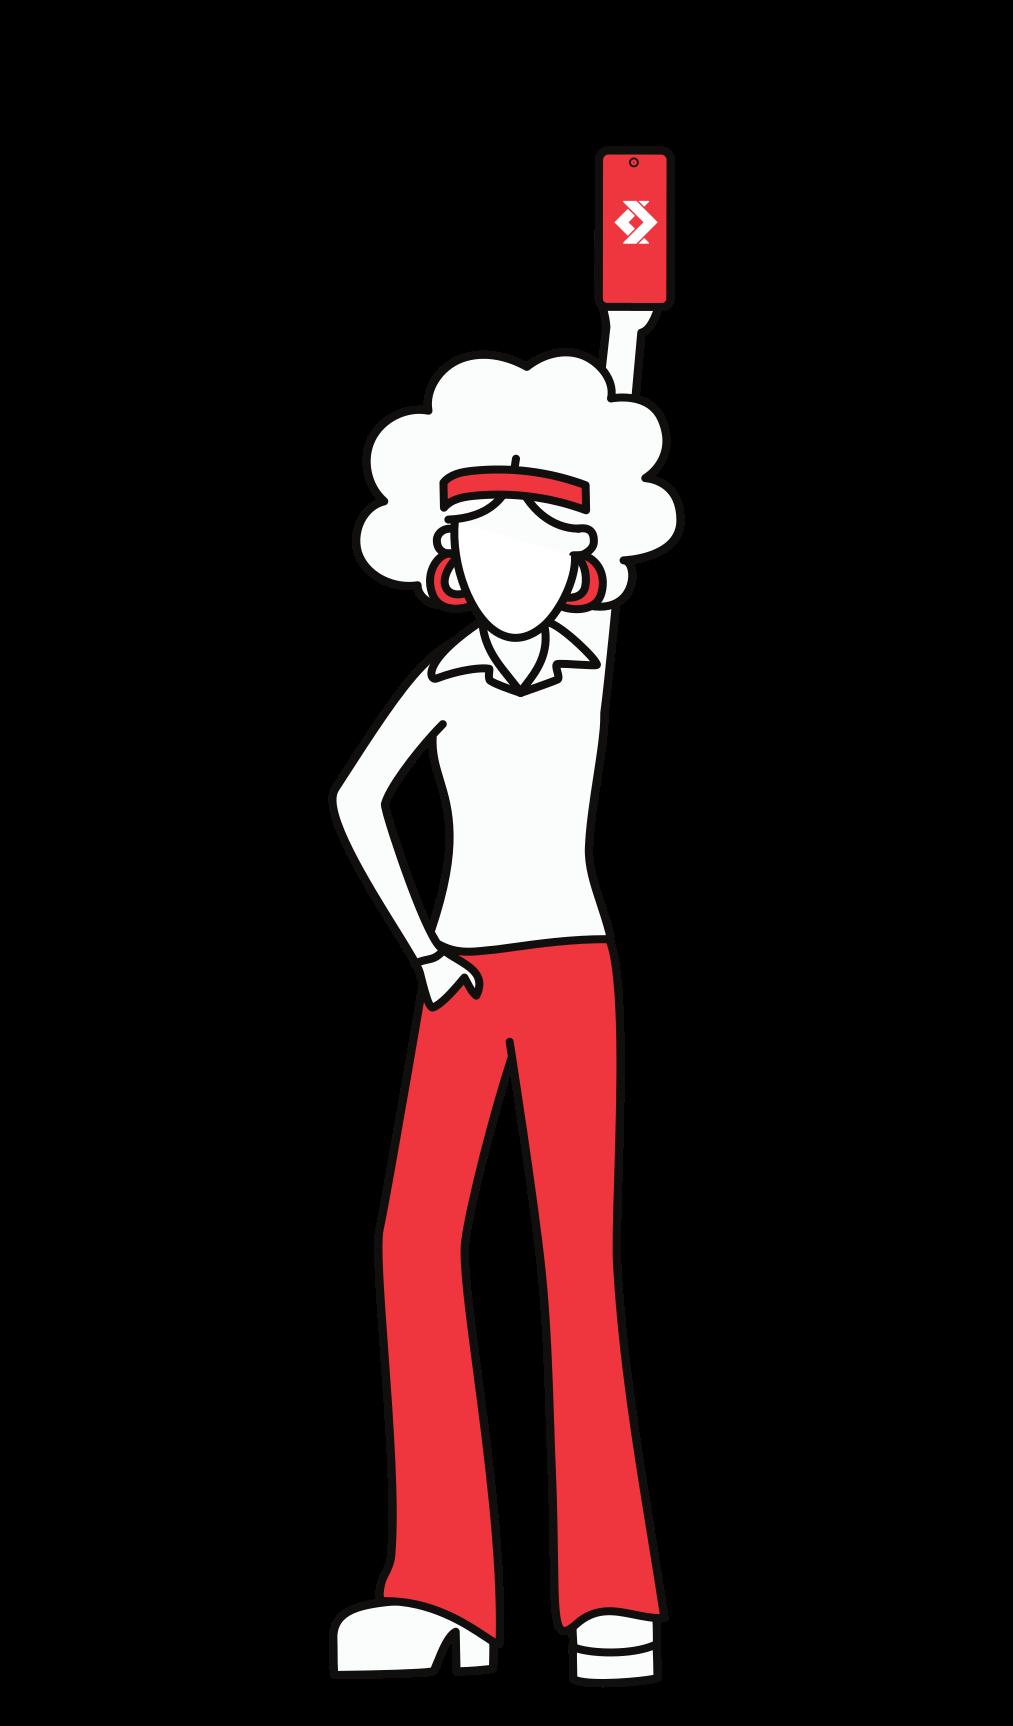 Illustration d'une personne tenant un smartphone avec le logo de satispay 2